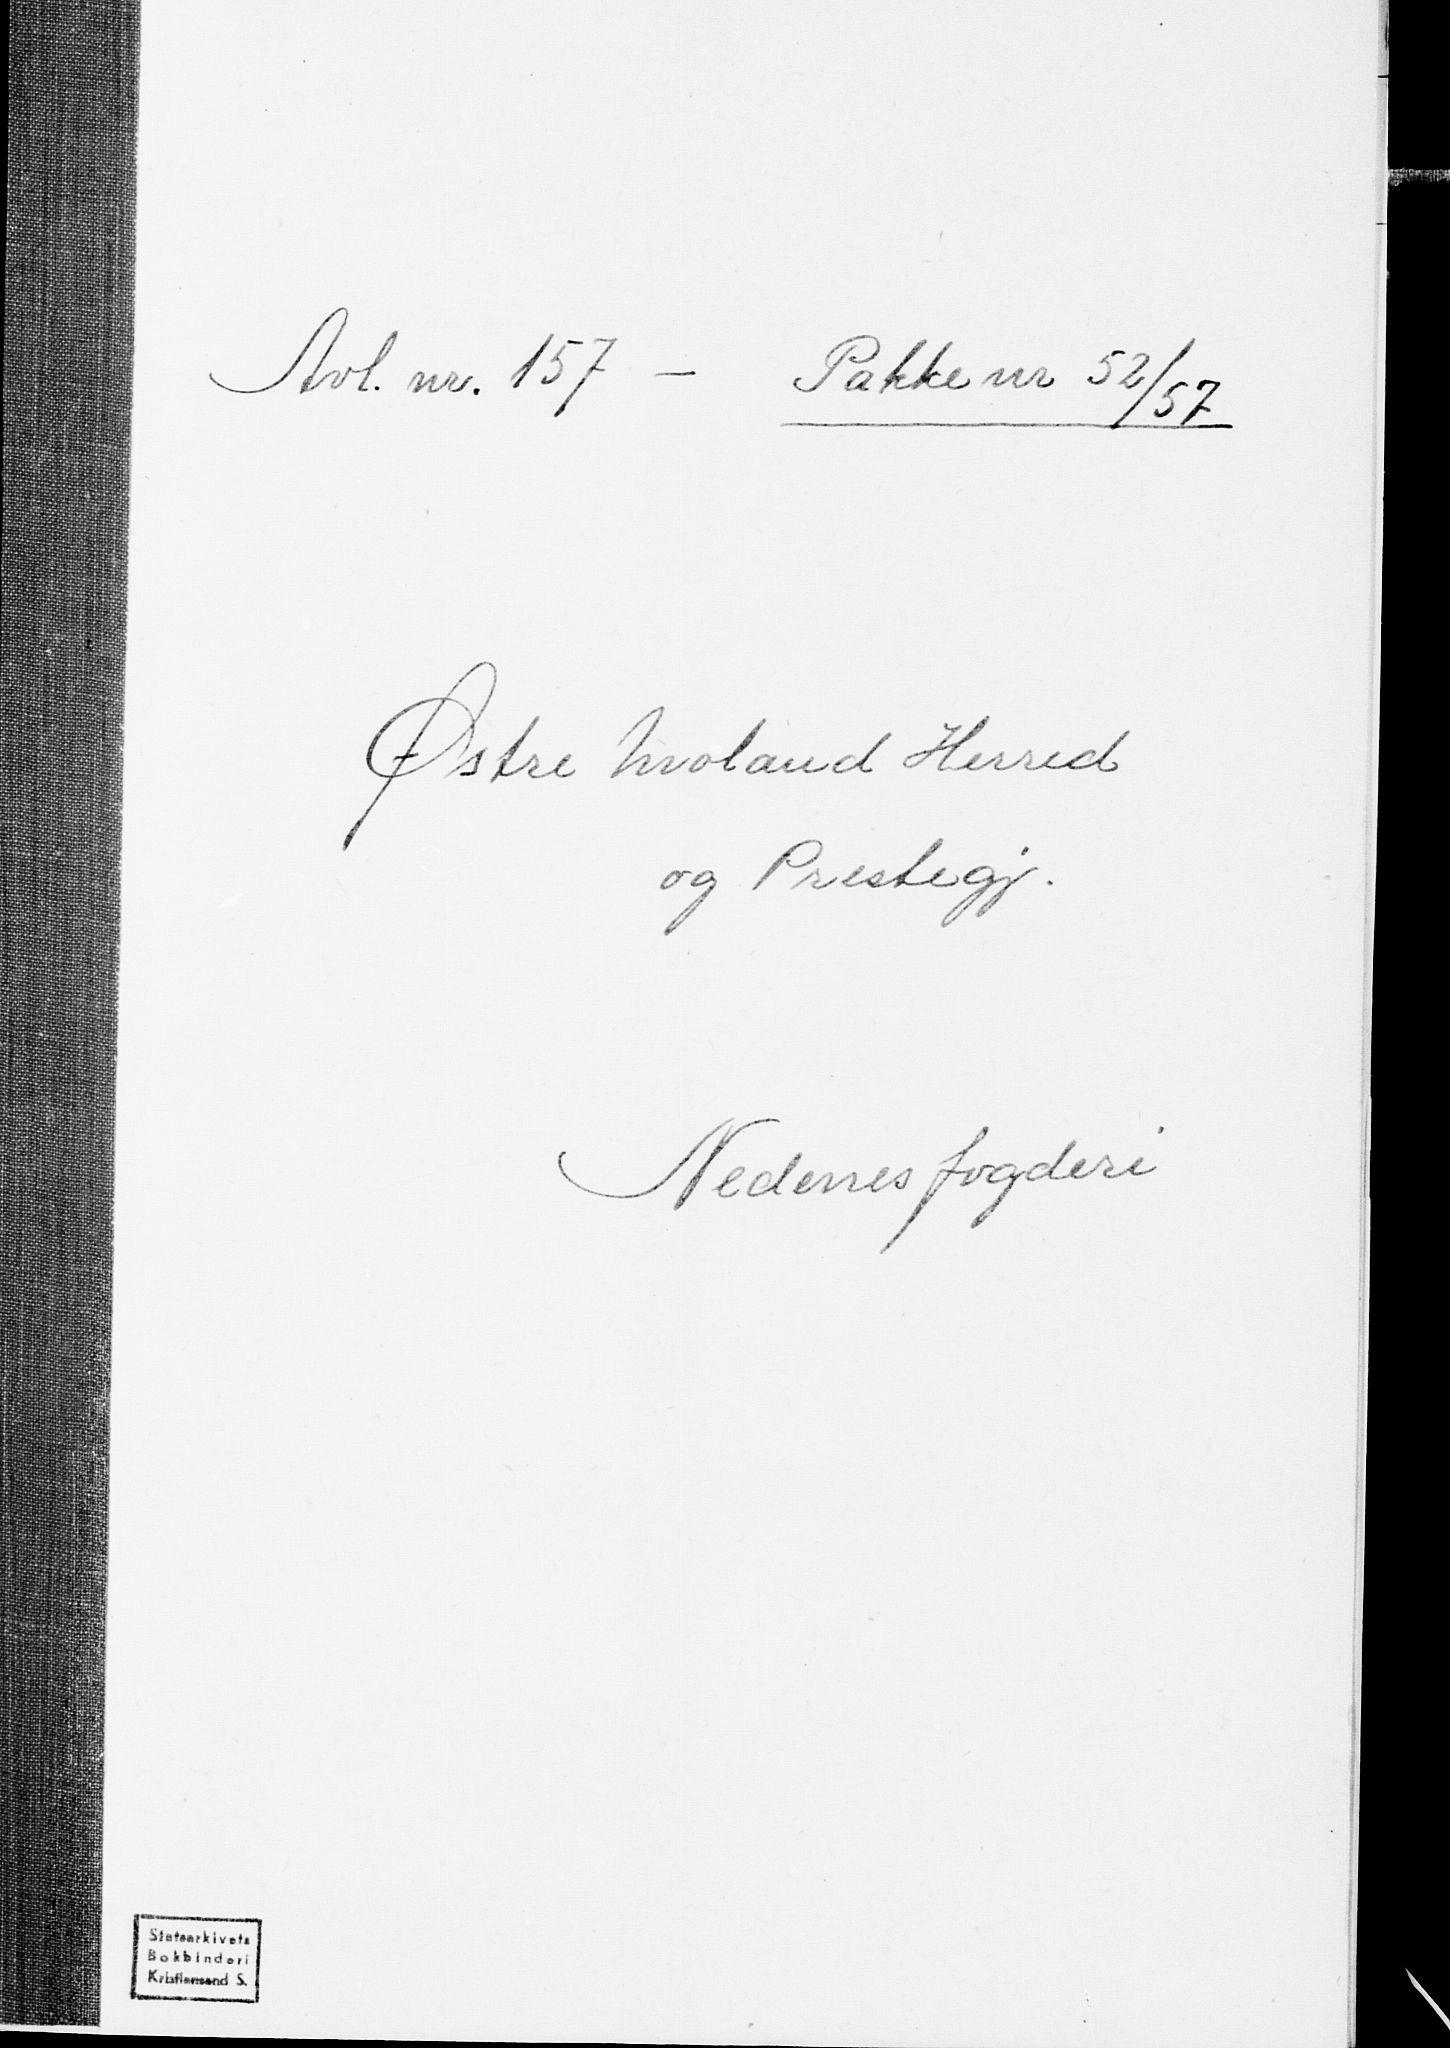 SAK, Folketelling 1875 for 0918P Austre Moland prestegjeld, 1875, s. 1